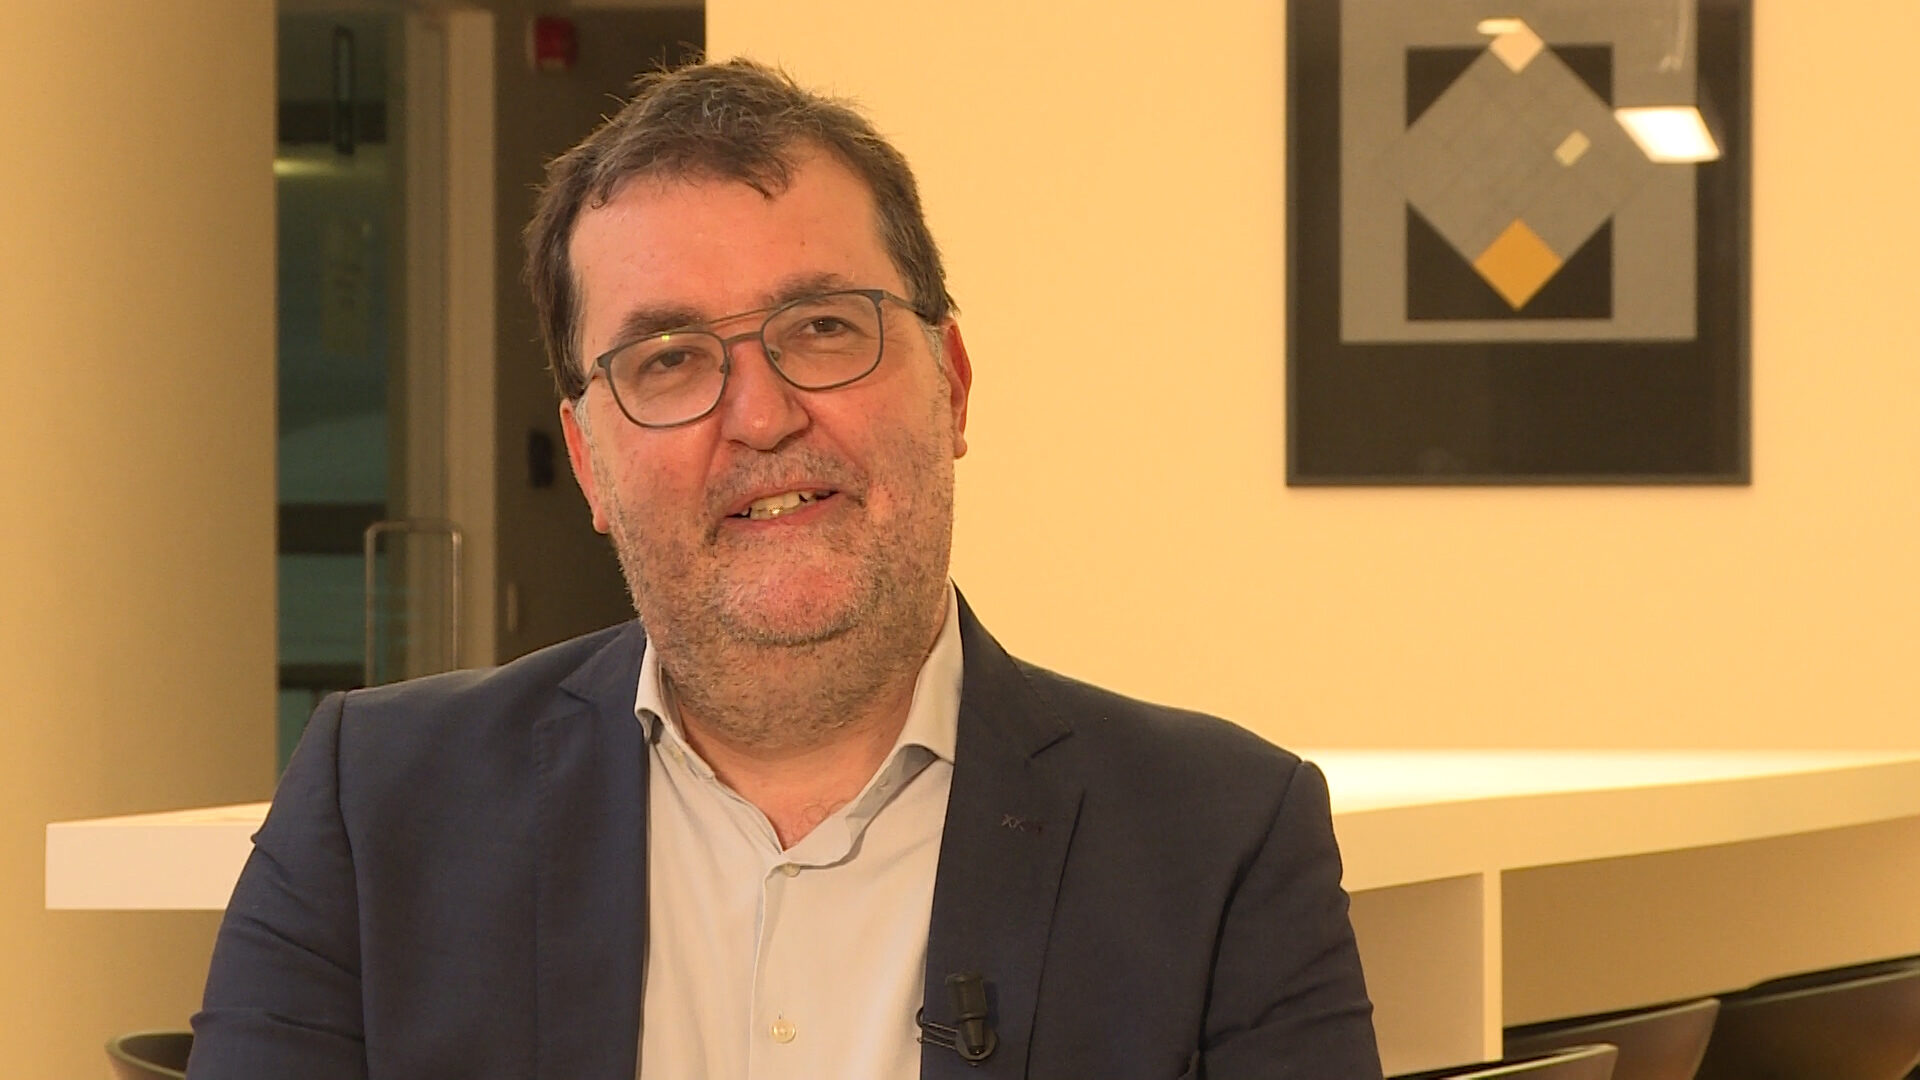 Wouter Van Besien